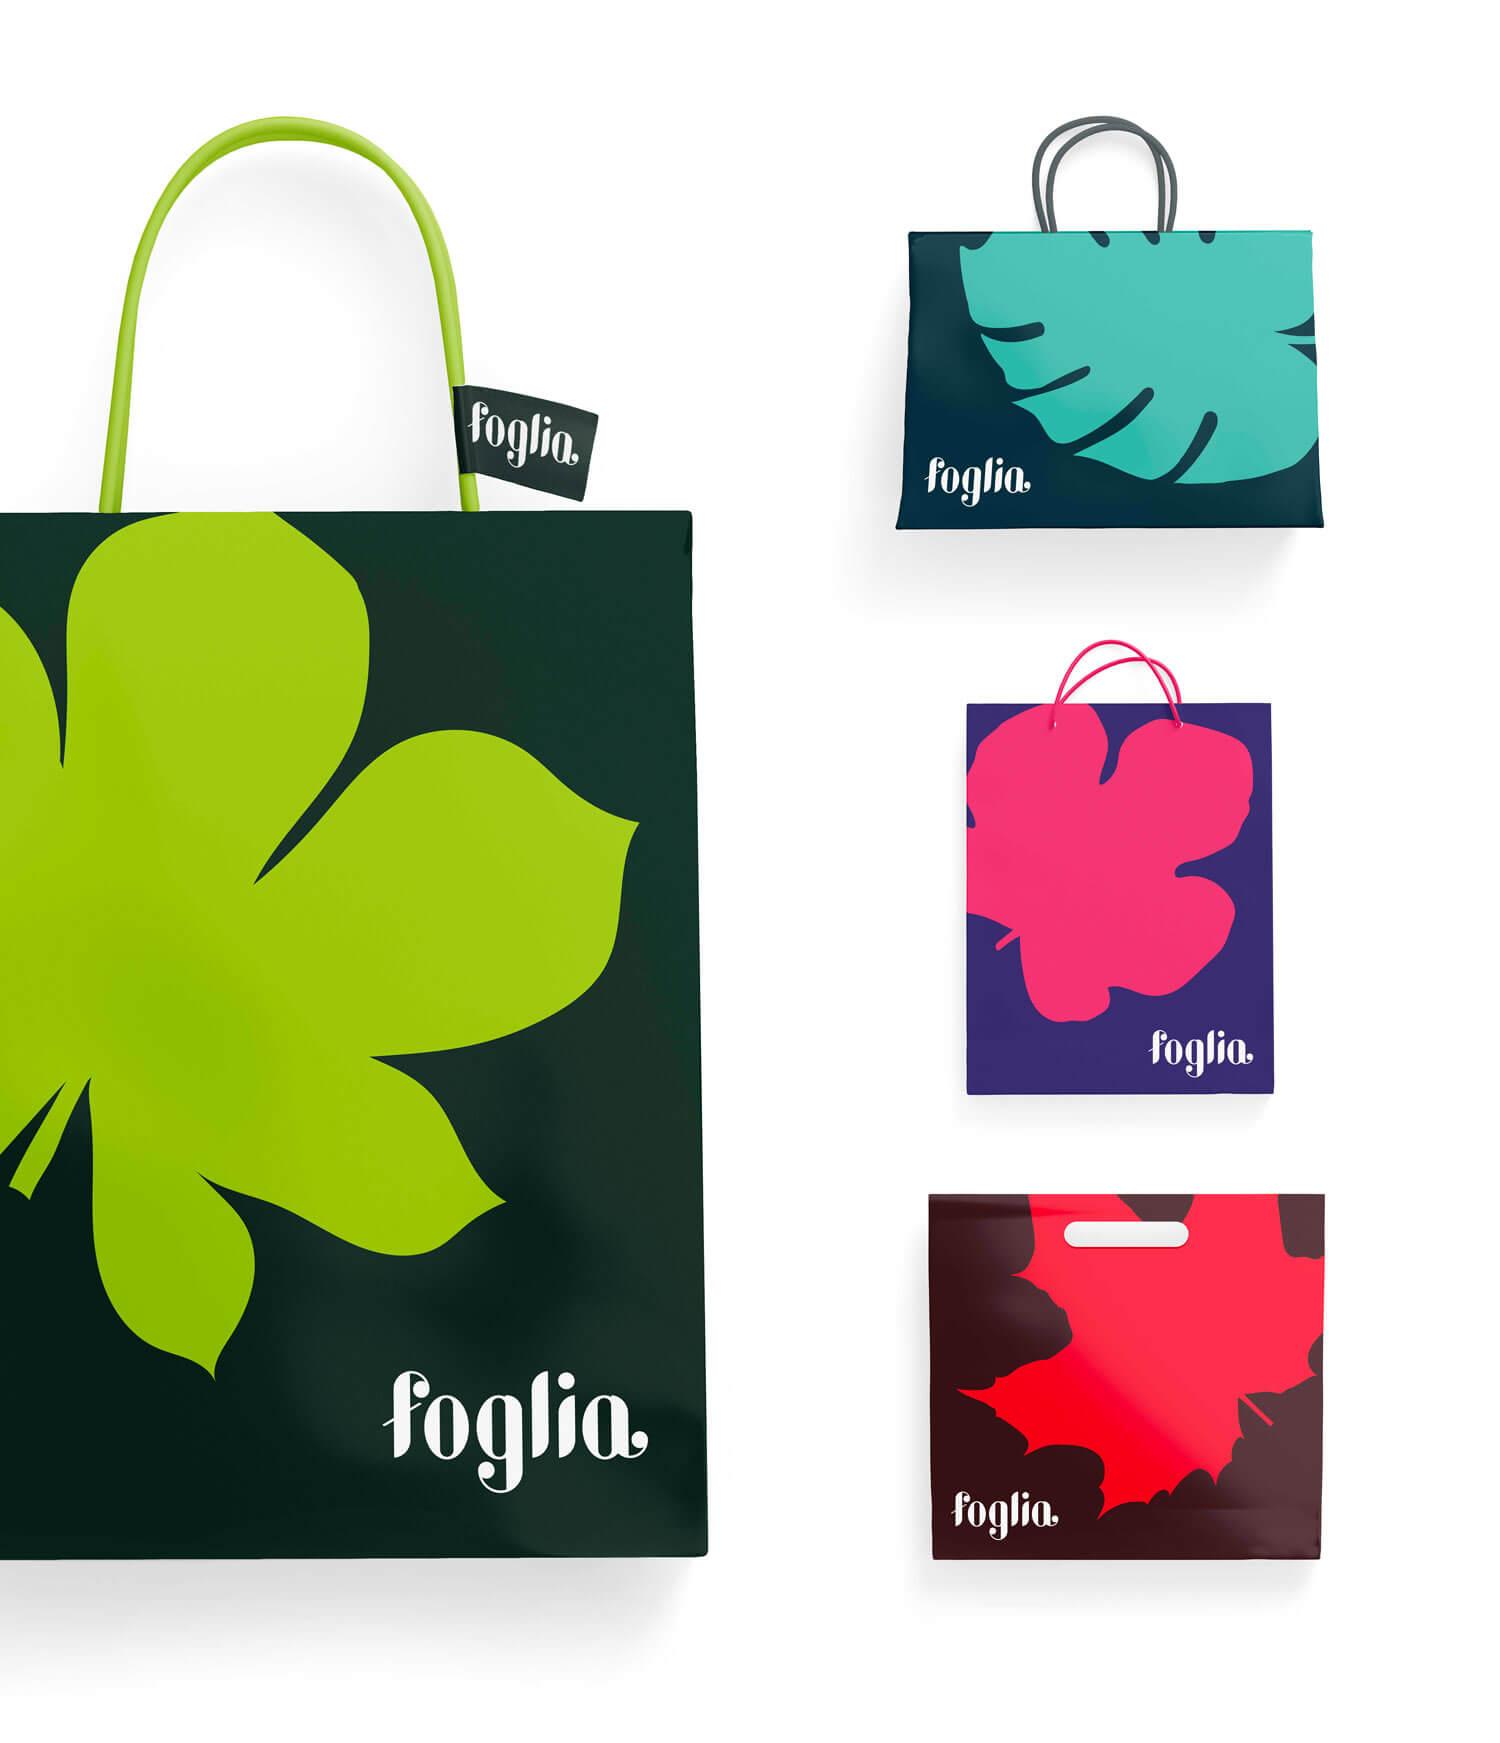 quattro sacchetti di carta con logo e brand identity di Foglia di colore verde, blu, viola e rosso su sfondo bianco